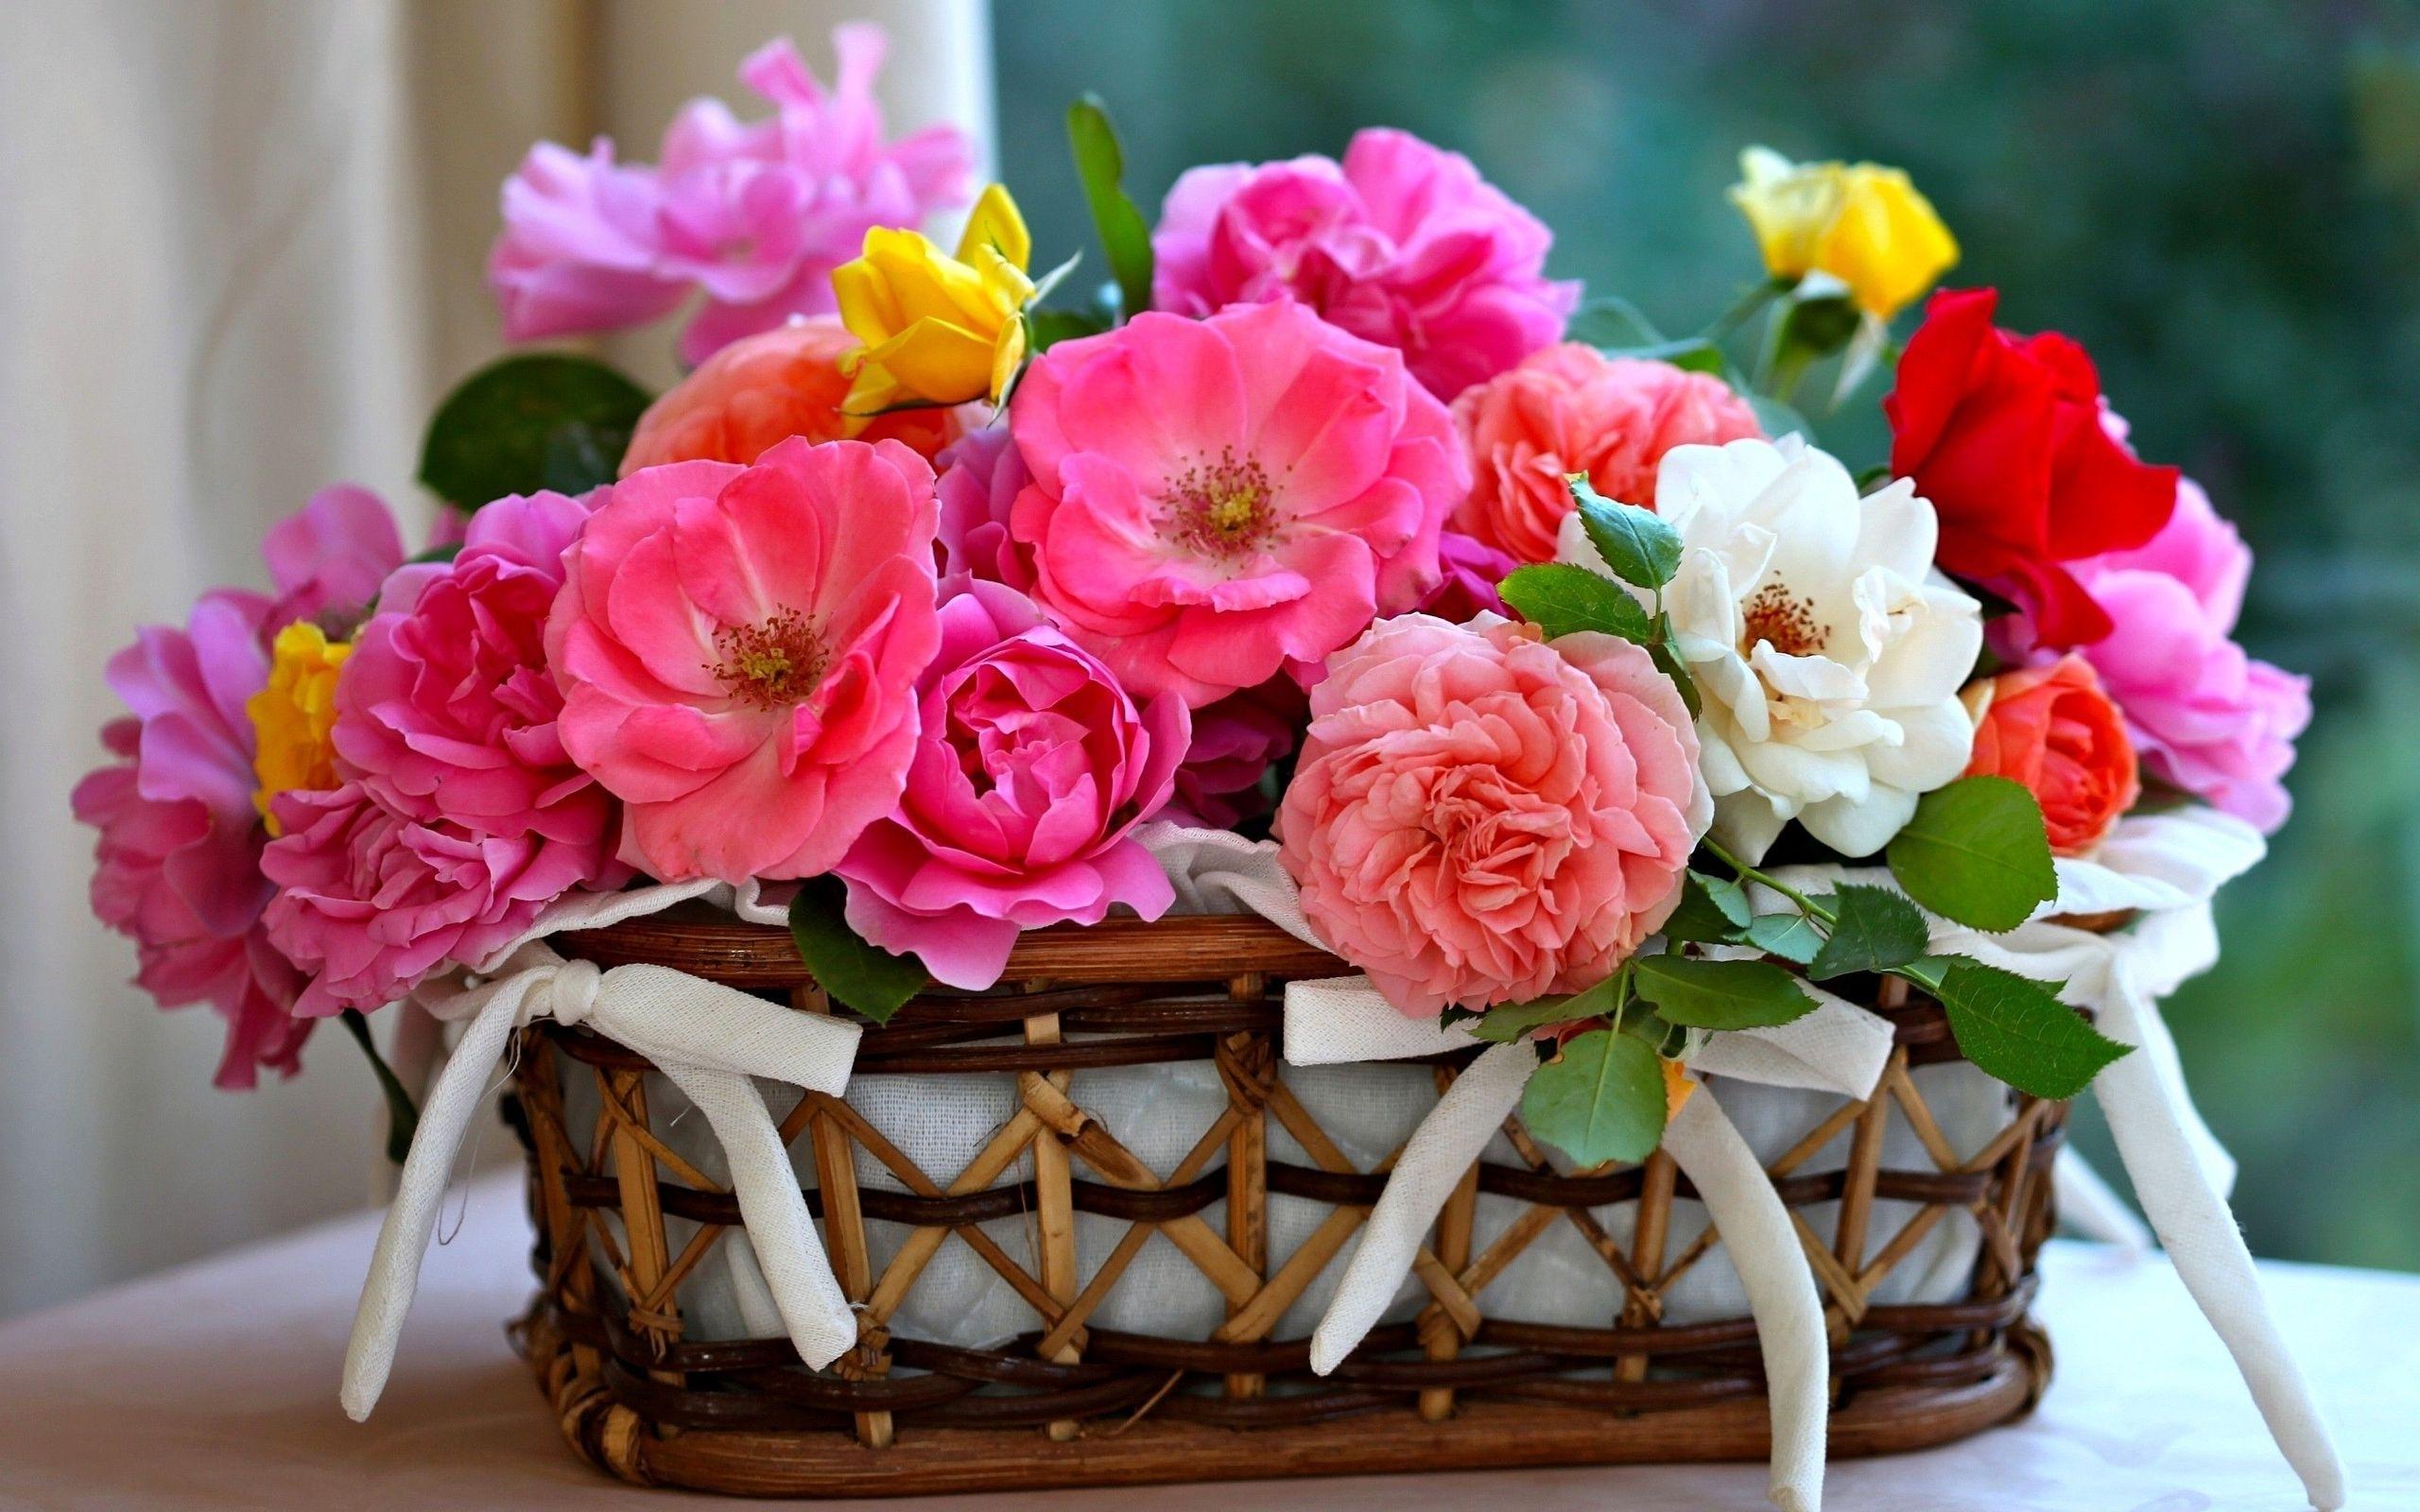 38474 скачать обои Растения, Цветы, Букеты - заставки и картинки бесплатно